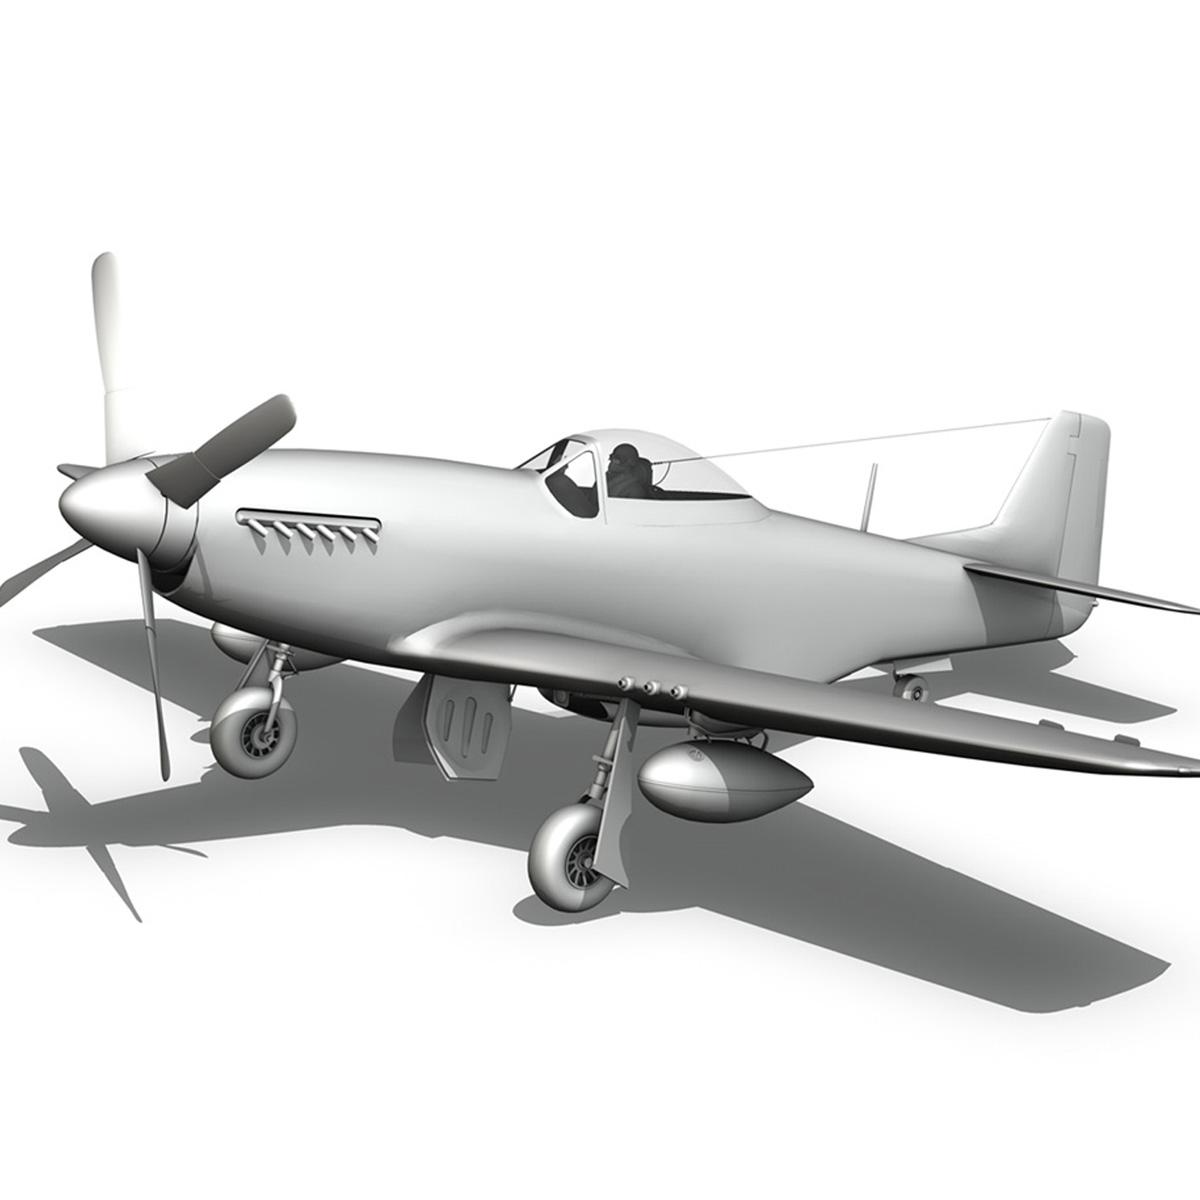 north american p-51d – ol flak joe 3d model 3ds fbx c4d lwo obj 280118